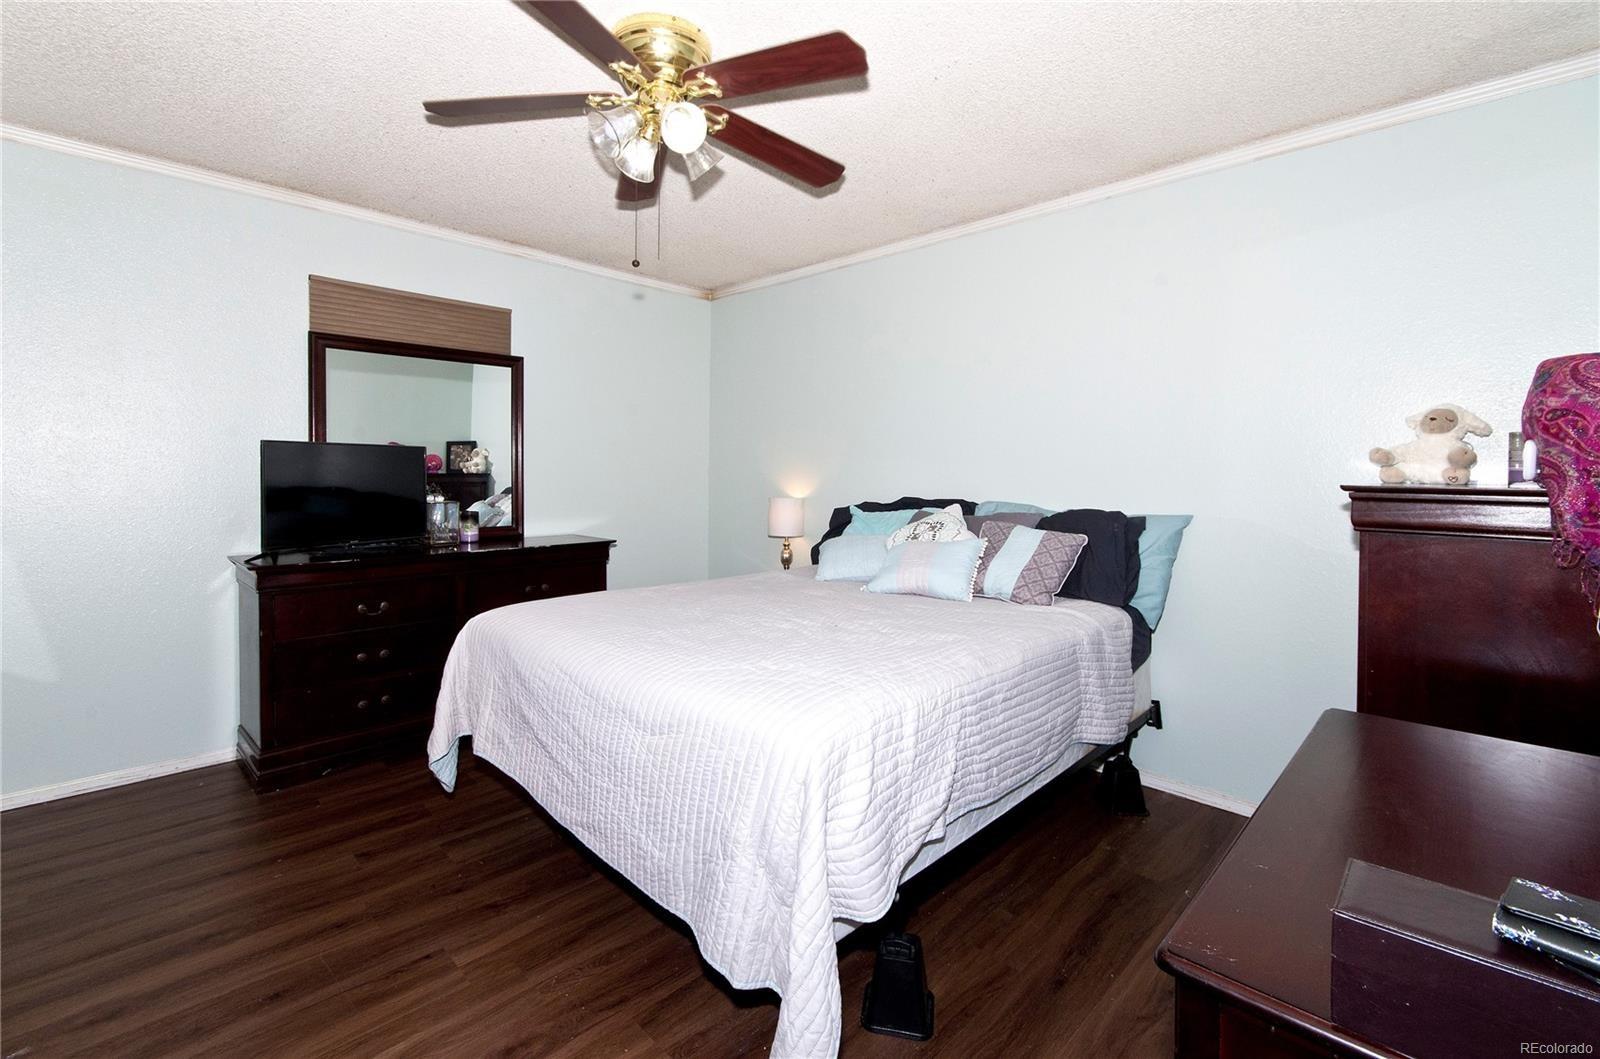 MLS# 1744328 - 1 - 4970  Windward Circle, Colorado Springs, CO 80917